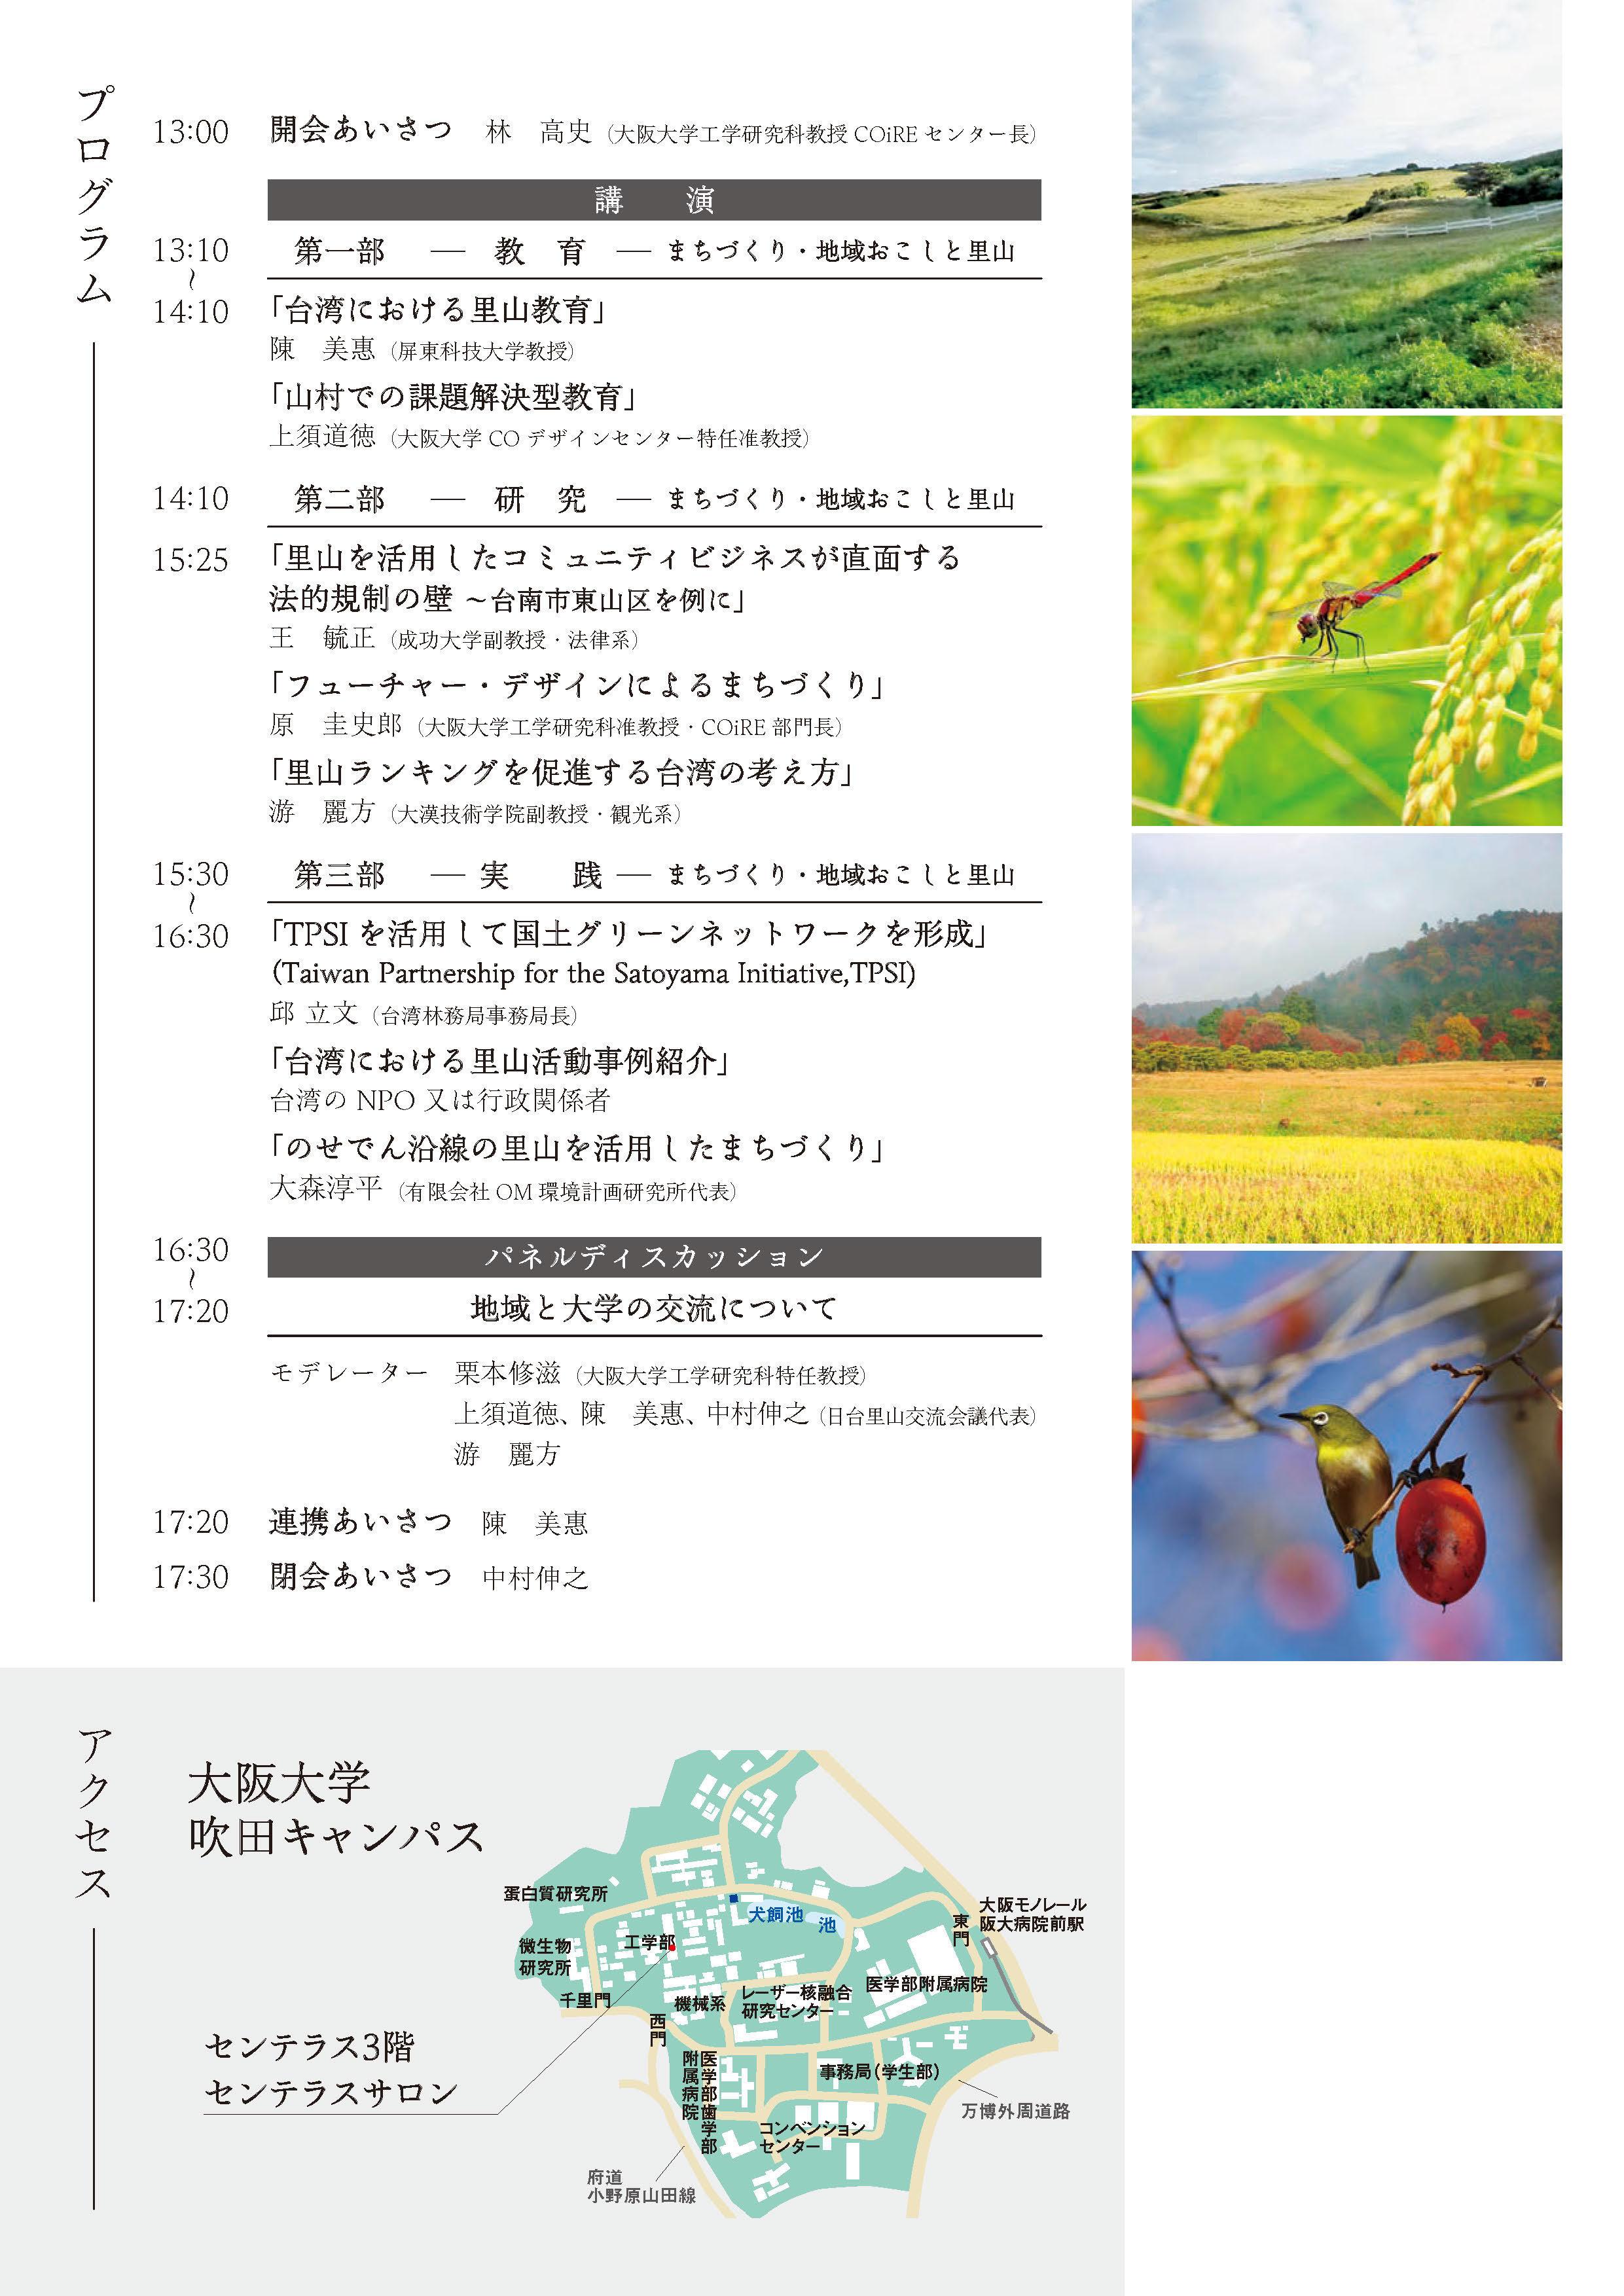 公開日台里山シンポジウムちらし0904_ページ_2.jpg